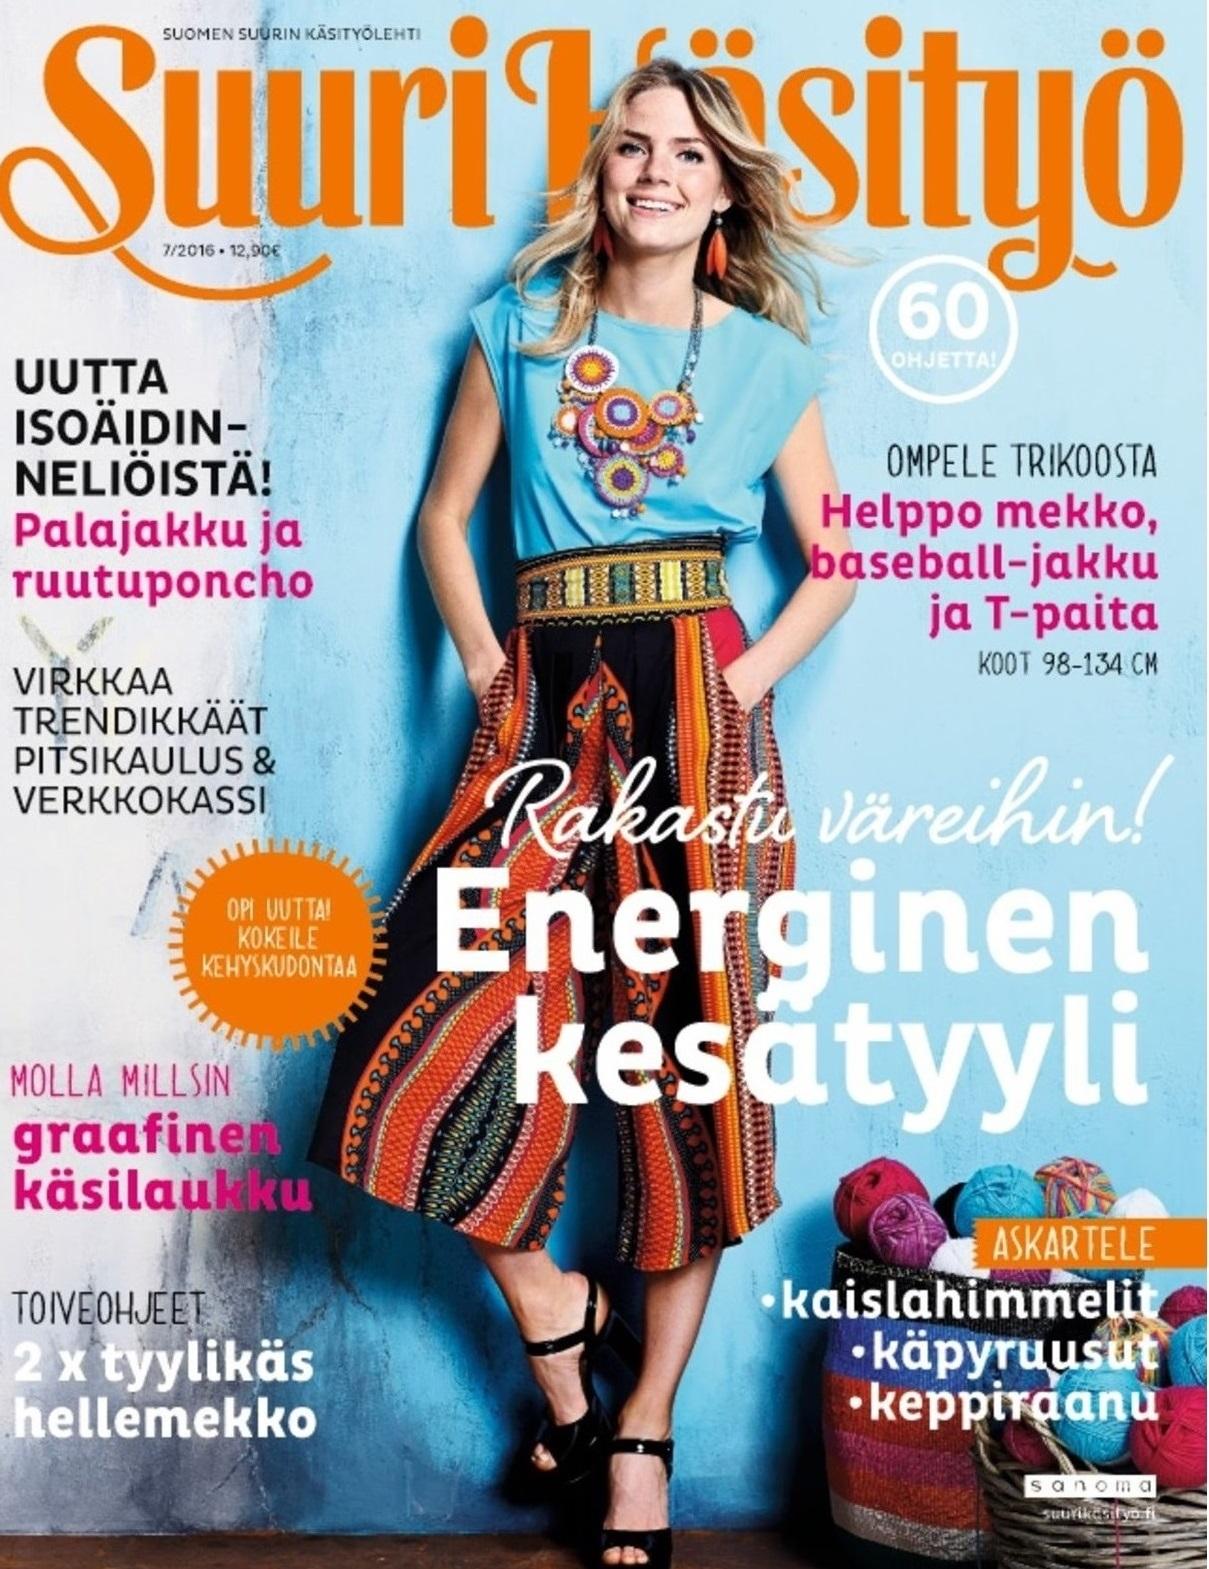 Islantilainen lopapeysa-villatakki, neulottu Suuri Käsityö -lehden syyskuu 2018 ohjeella